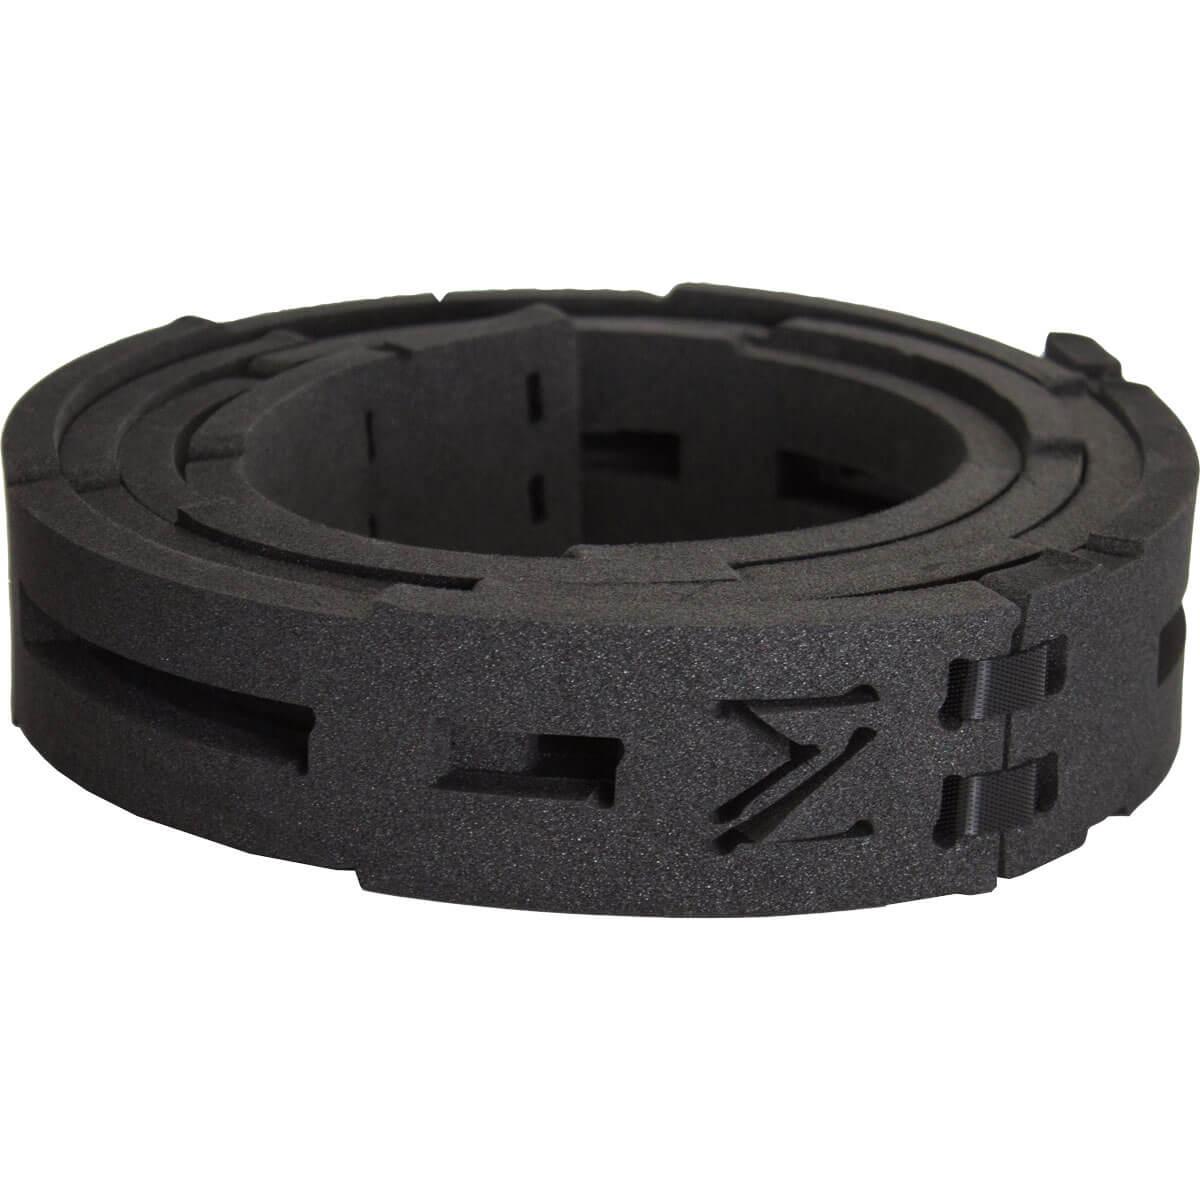 """PROTETOR DE ARO E PNEUS DEFENDER - Pequeno: Aros de 21 até 26 mm, com pneus 2.1"""" até 2.4"""""""